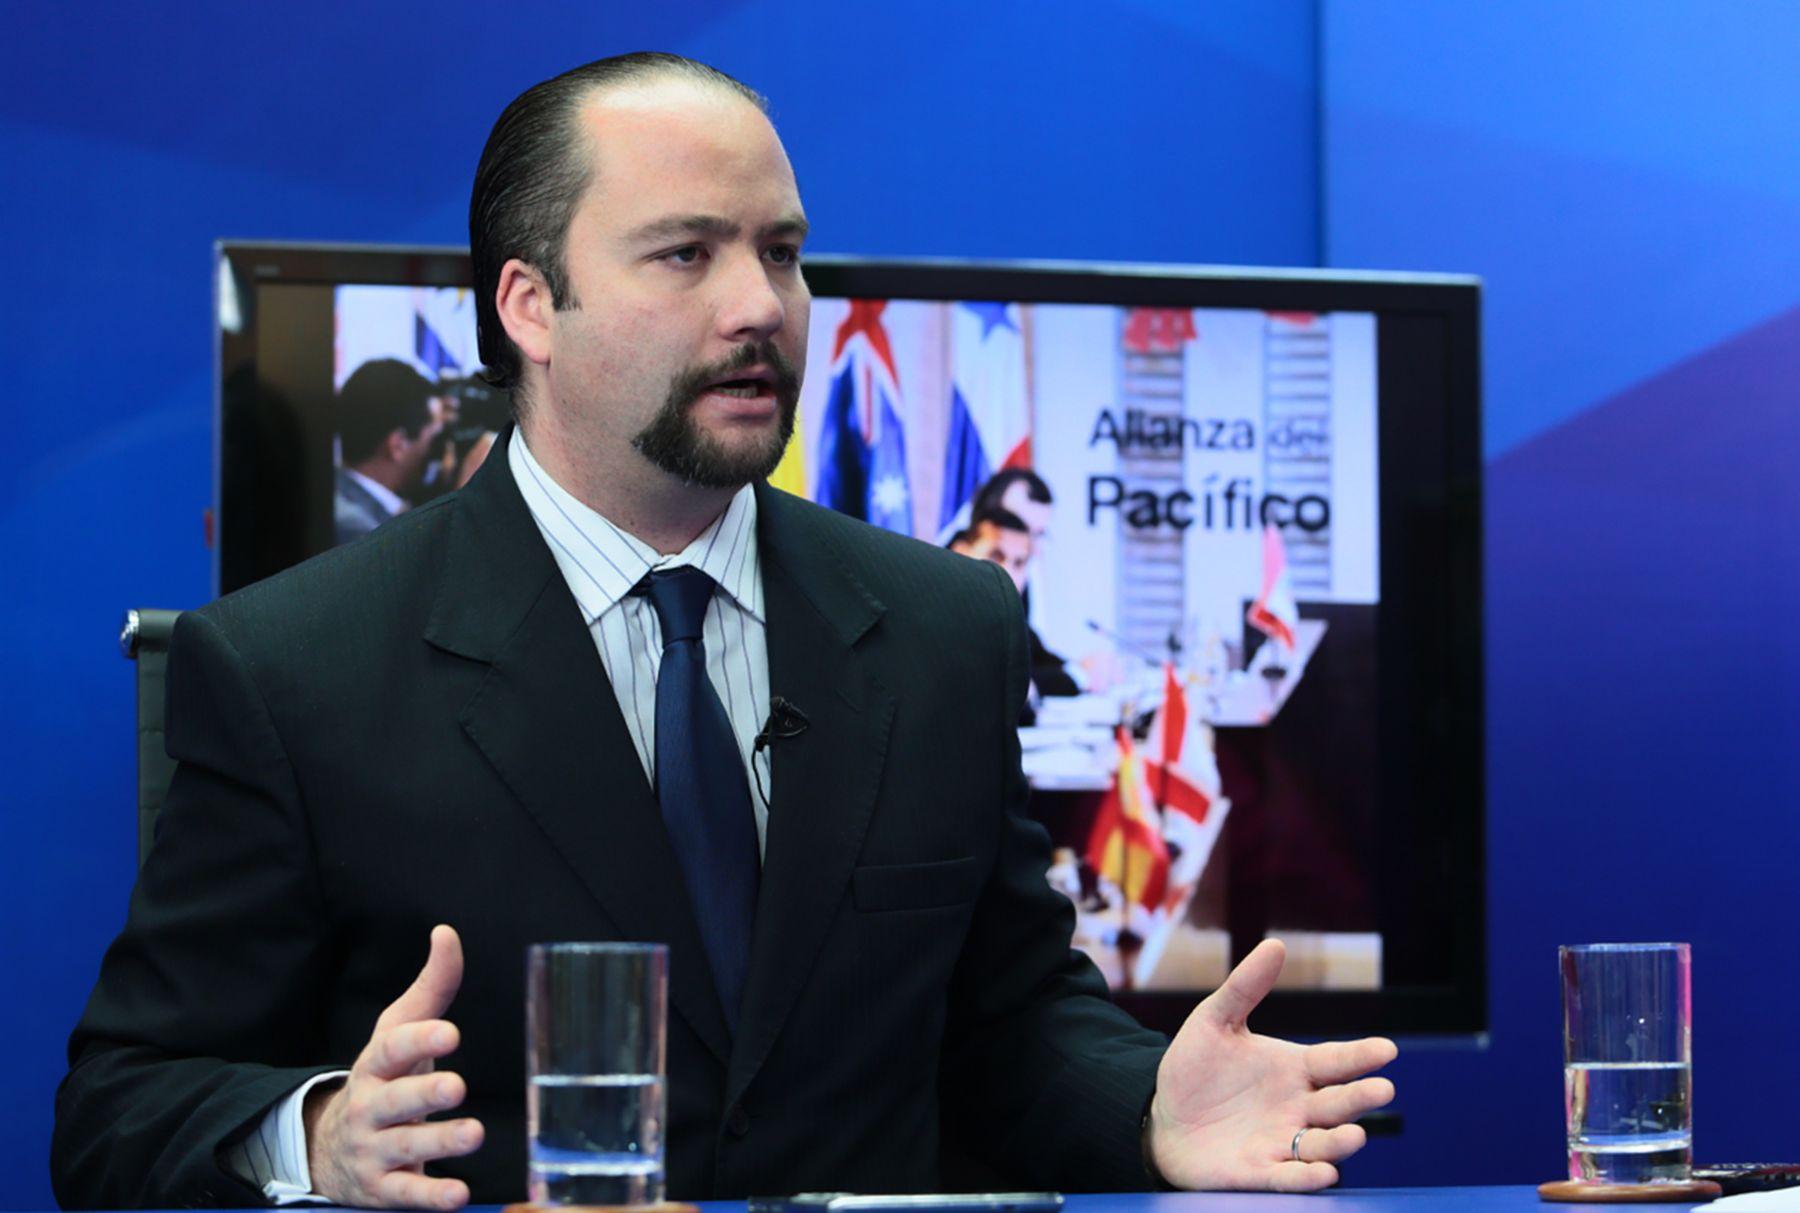 TPP PROYECTA IMAGEN DE SOLIDEZ ANTE COMUNIDAD ECONÓMICA INTERNACIONAL